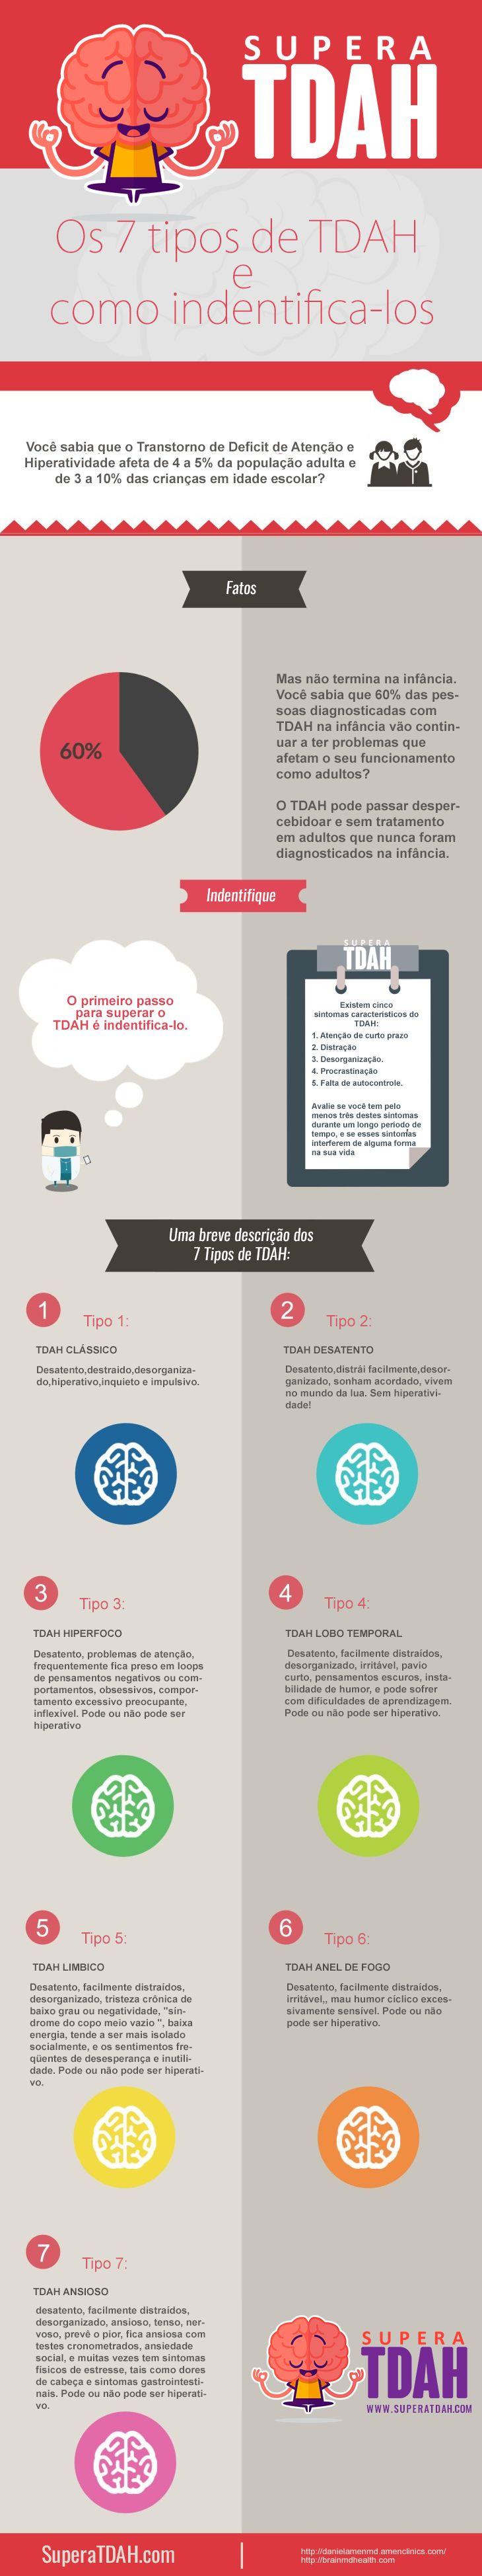 7 tipos de tdah infografico                                                                                                                                                                                 Mais